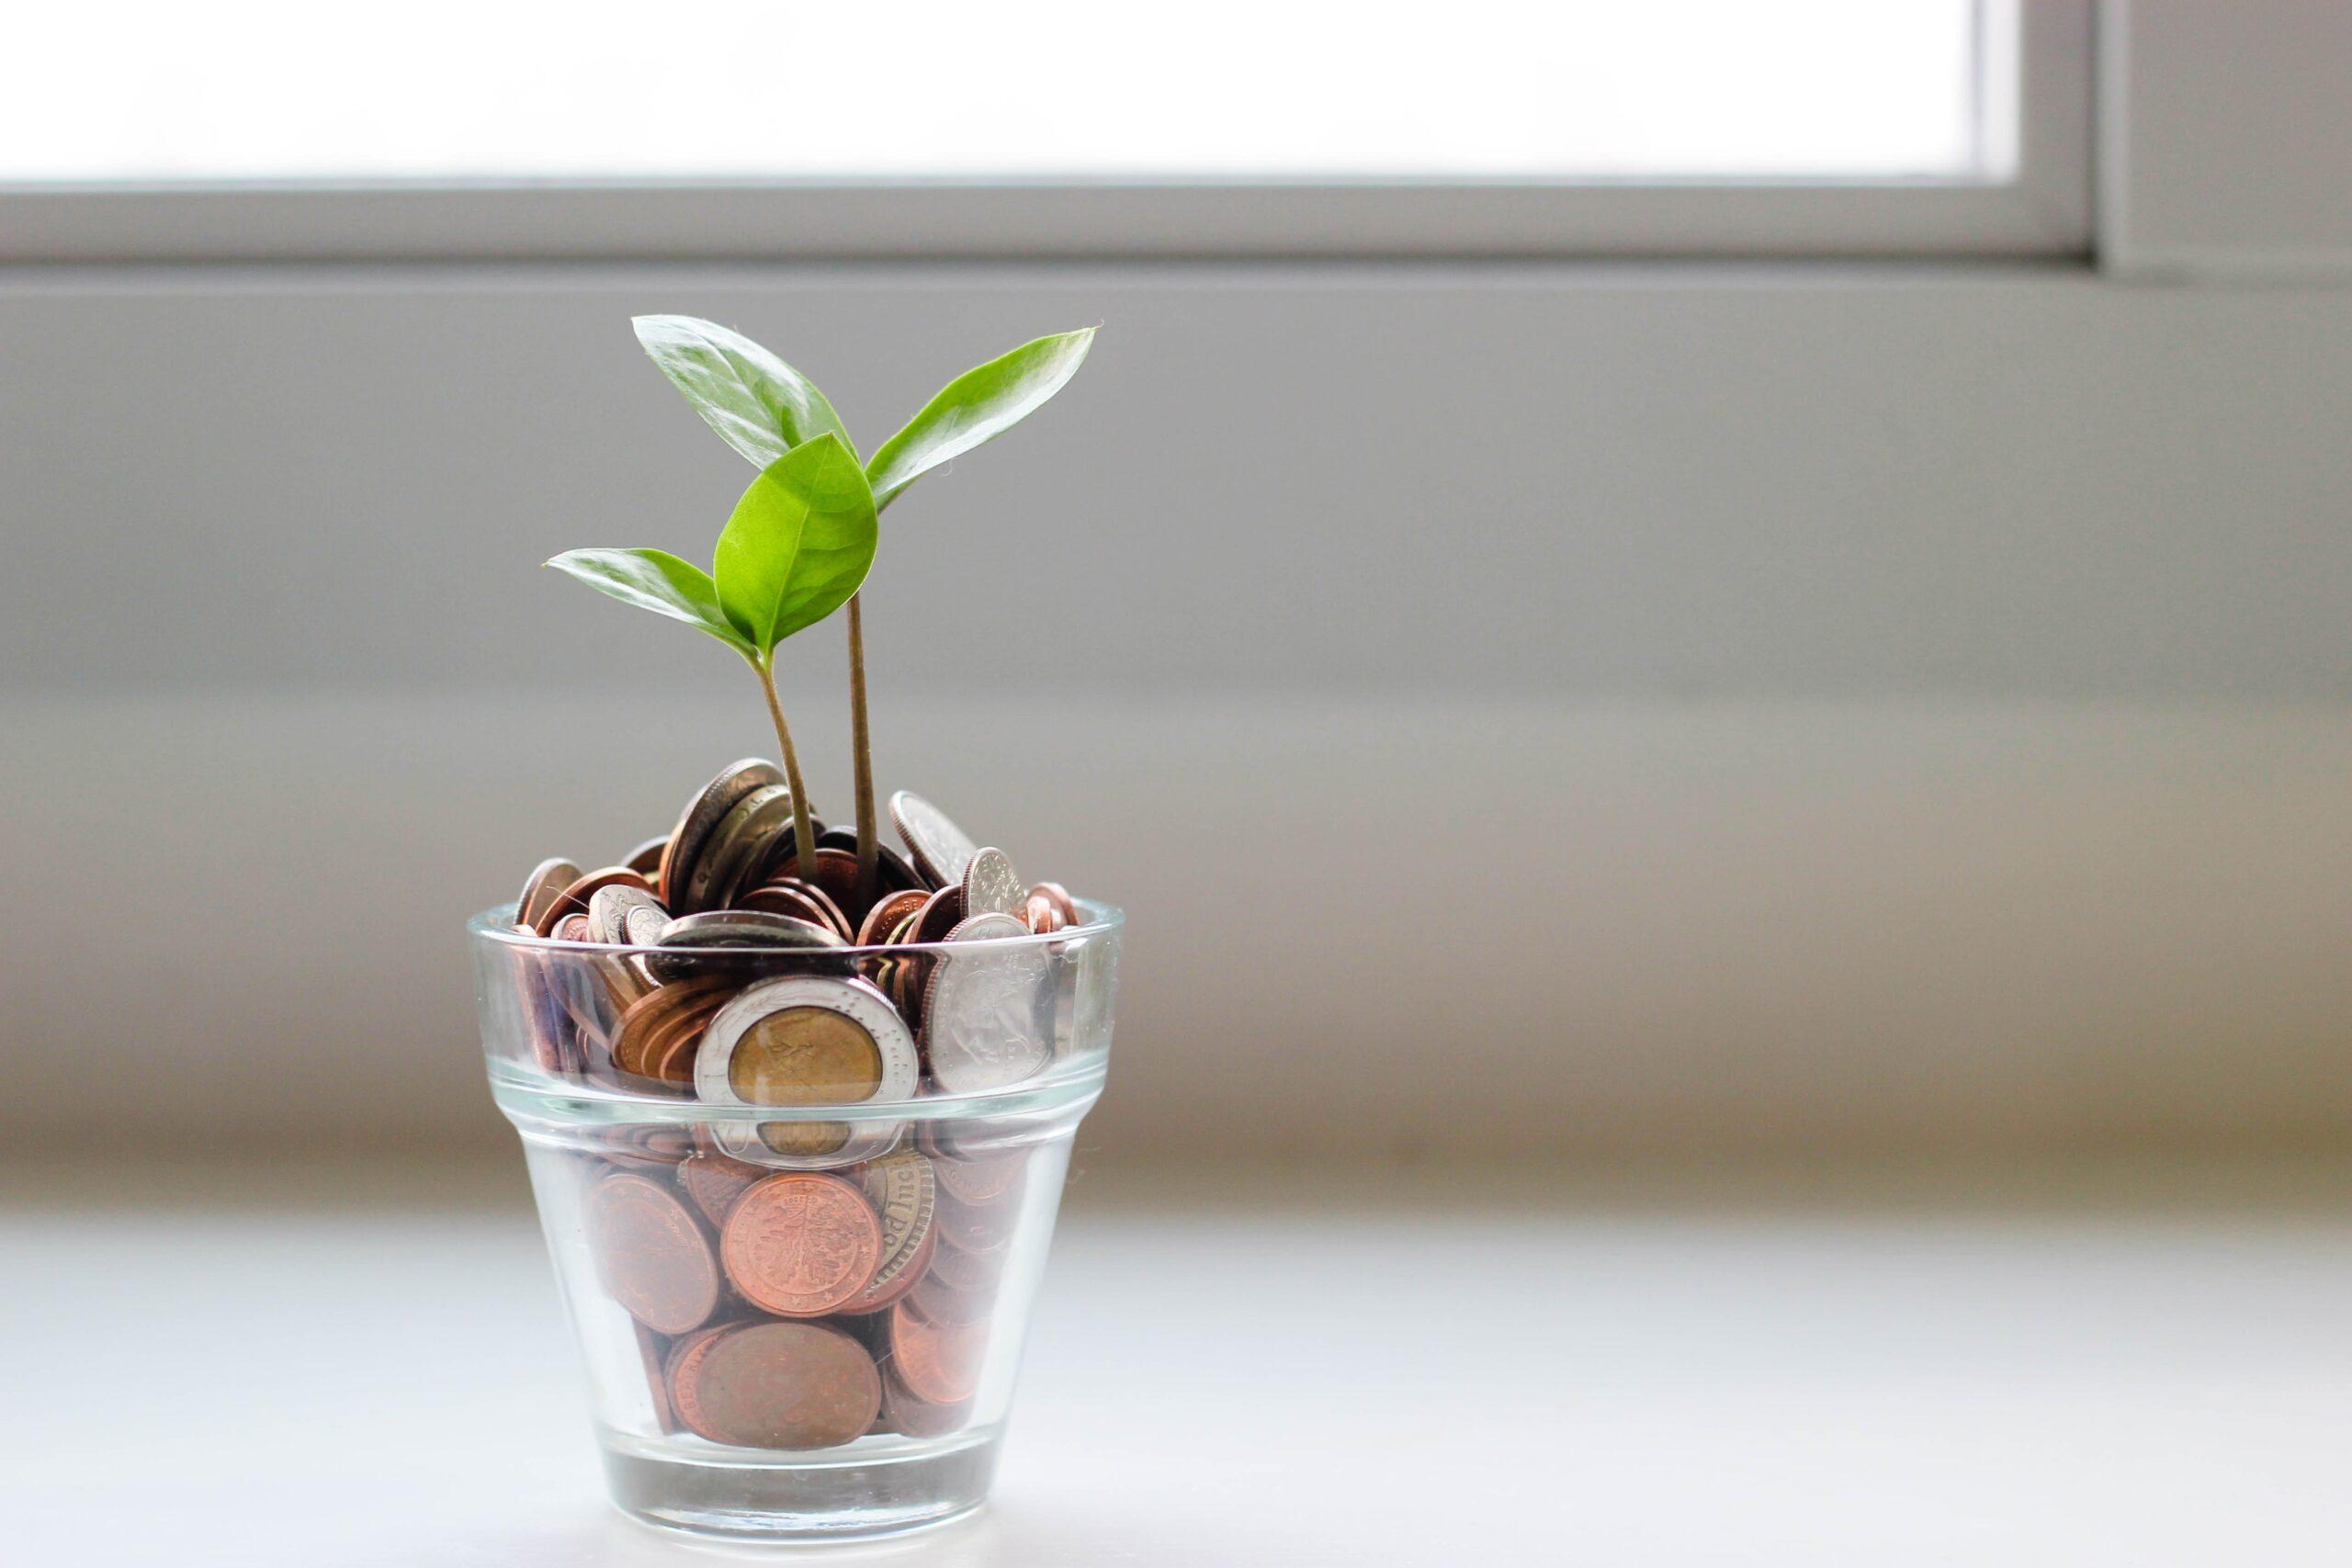 Pengamaskinen genererar avkastning som man kan leva på.